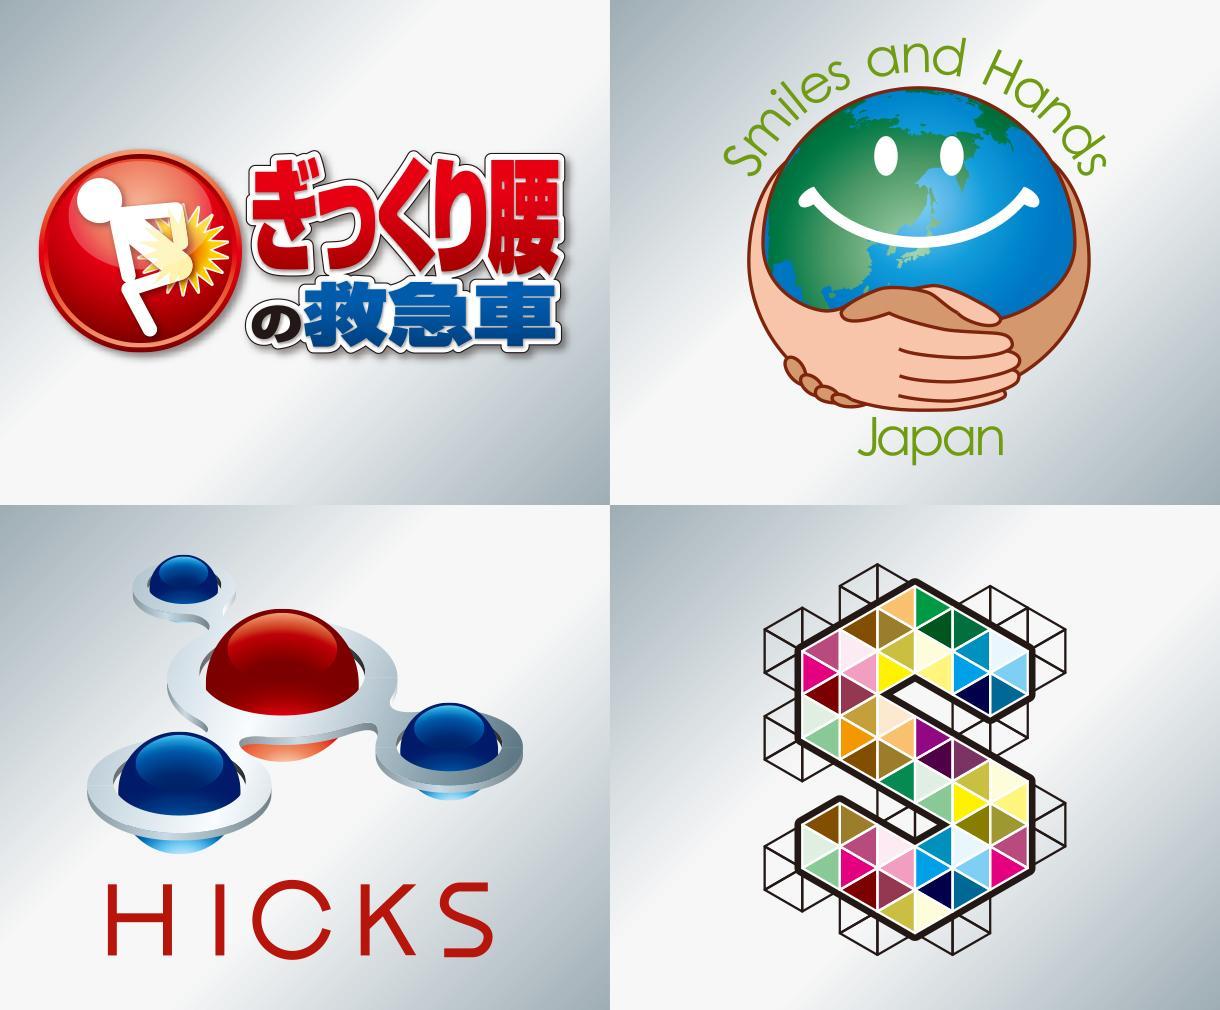 POPで人目を引くキャラクターロゴを制作します 顧客の目につき印象に残るロゴデザインをご提案します